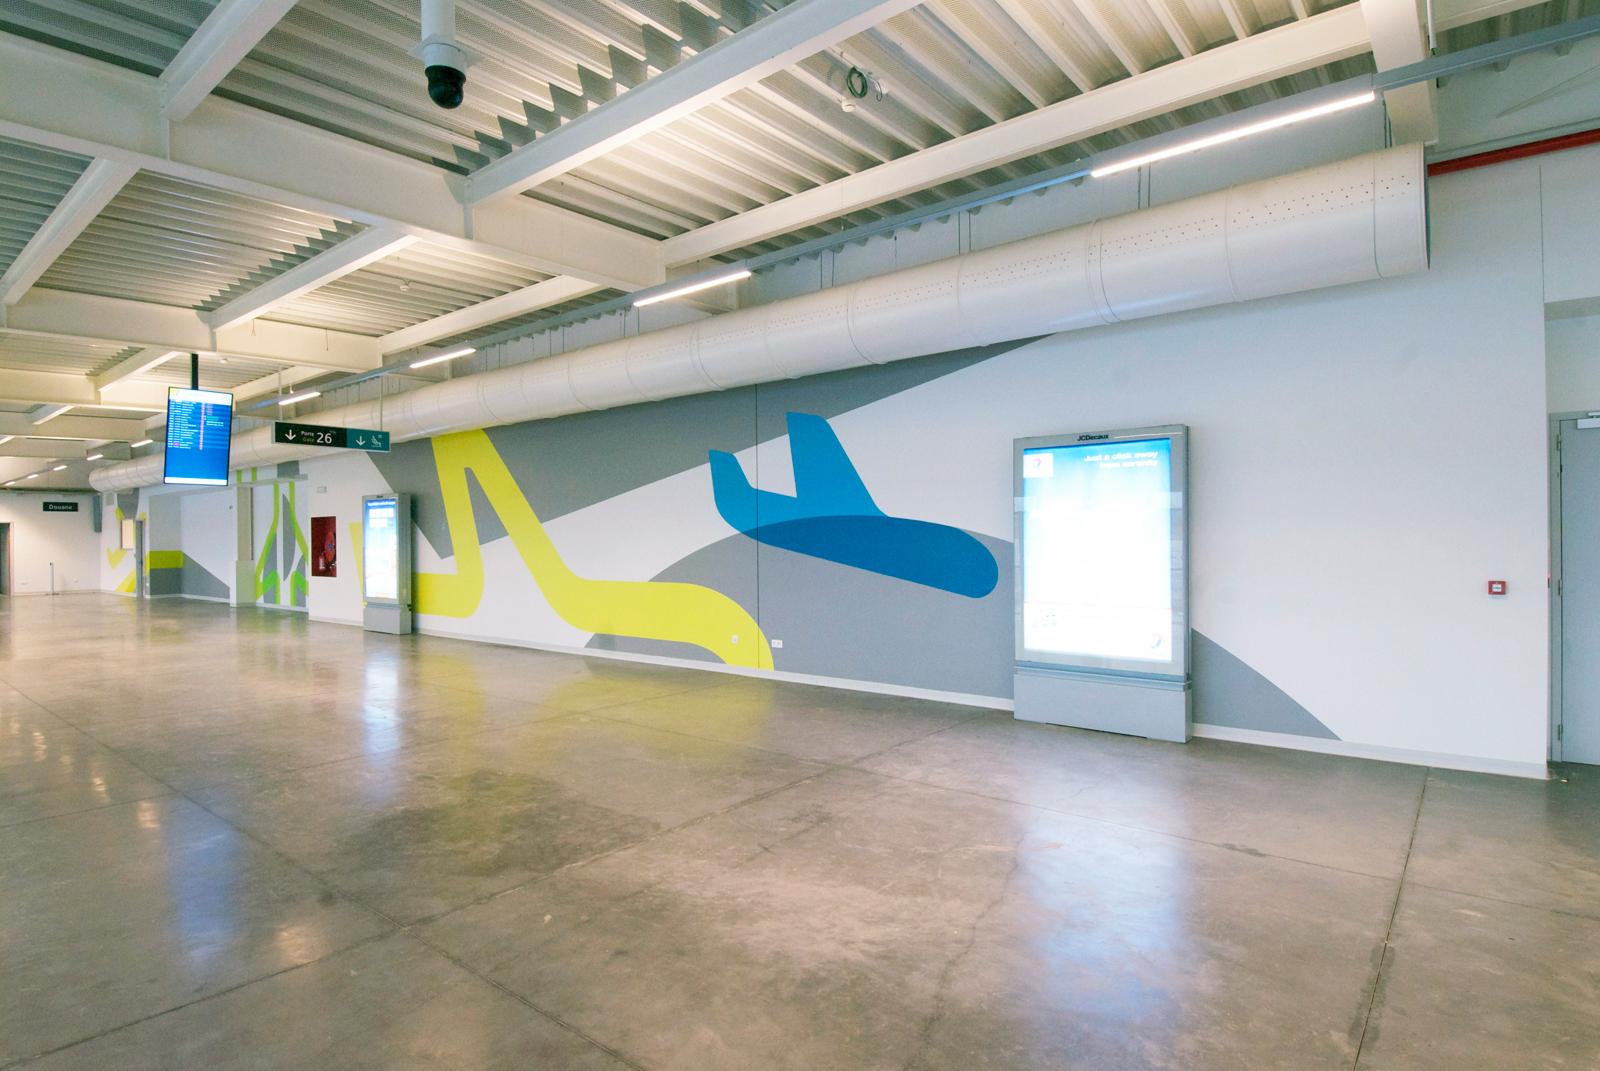 布鲁塞尔南部沙勒罗瓦机场标识设计© André Rodeghiero